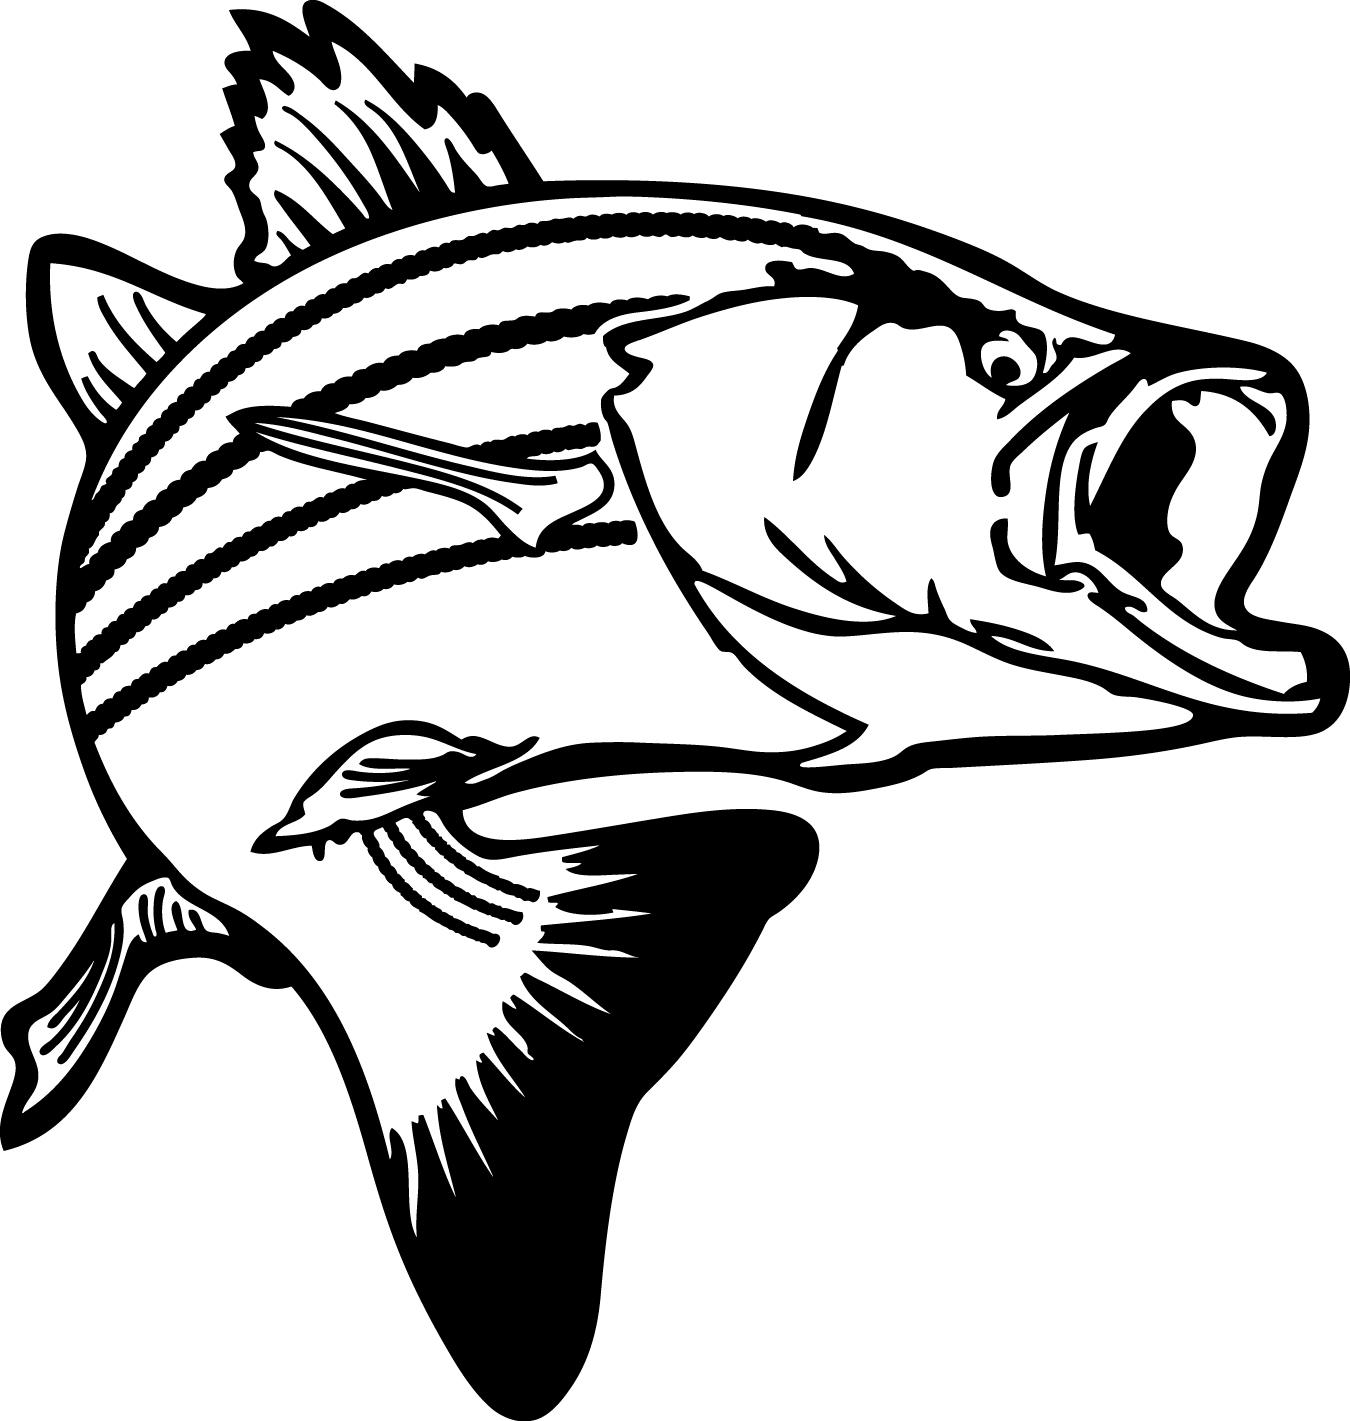 Bass Fish Stencil | Free download best Bass Fish Stencil on ...